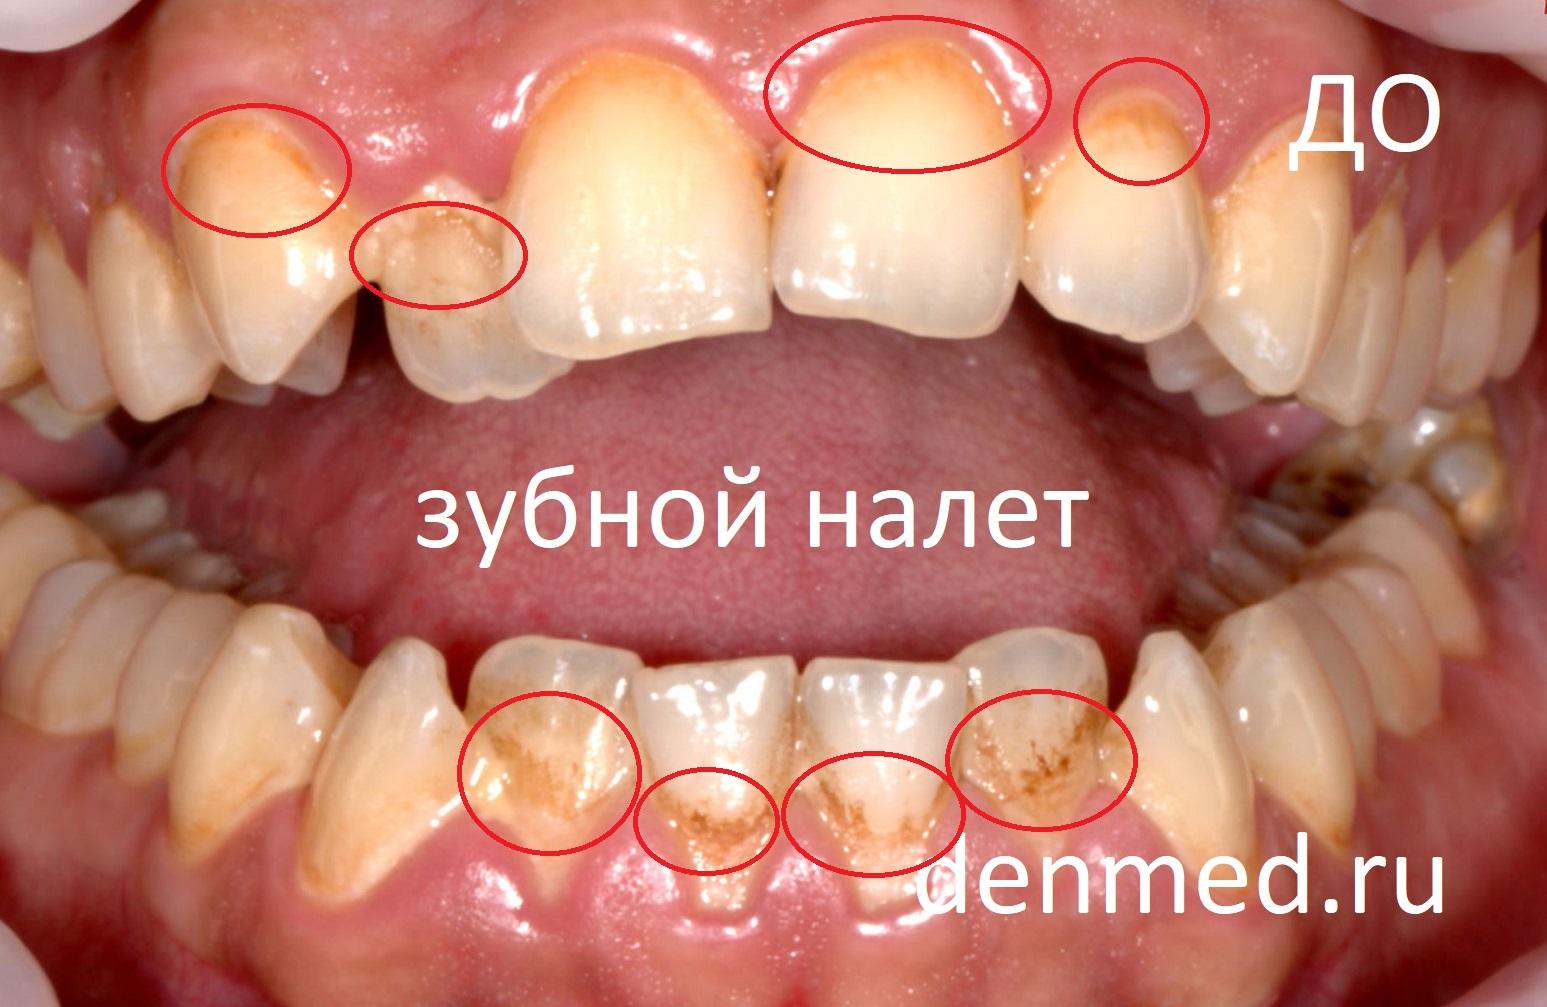 Здесь мы видим зубы пациента покрытые мягким, липким и пигментированным зубным налетом